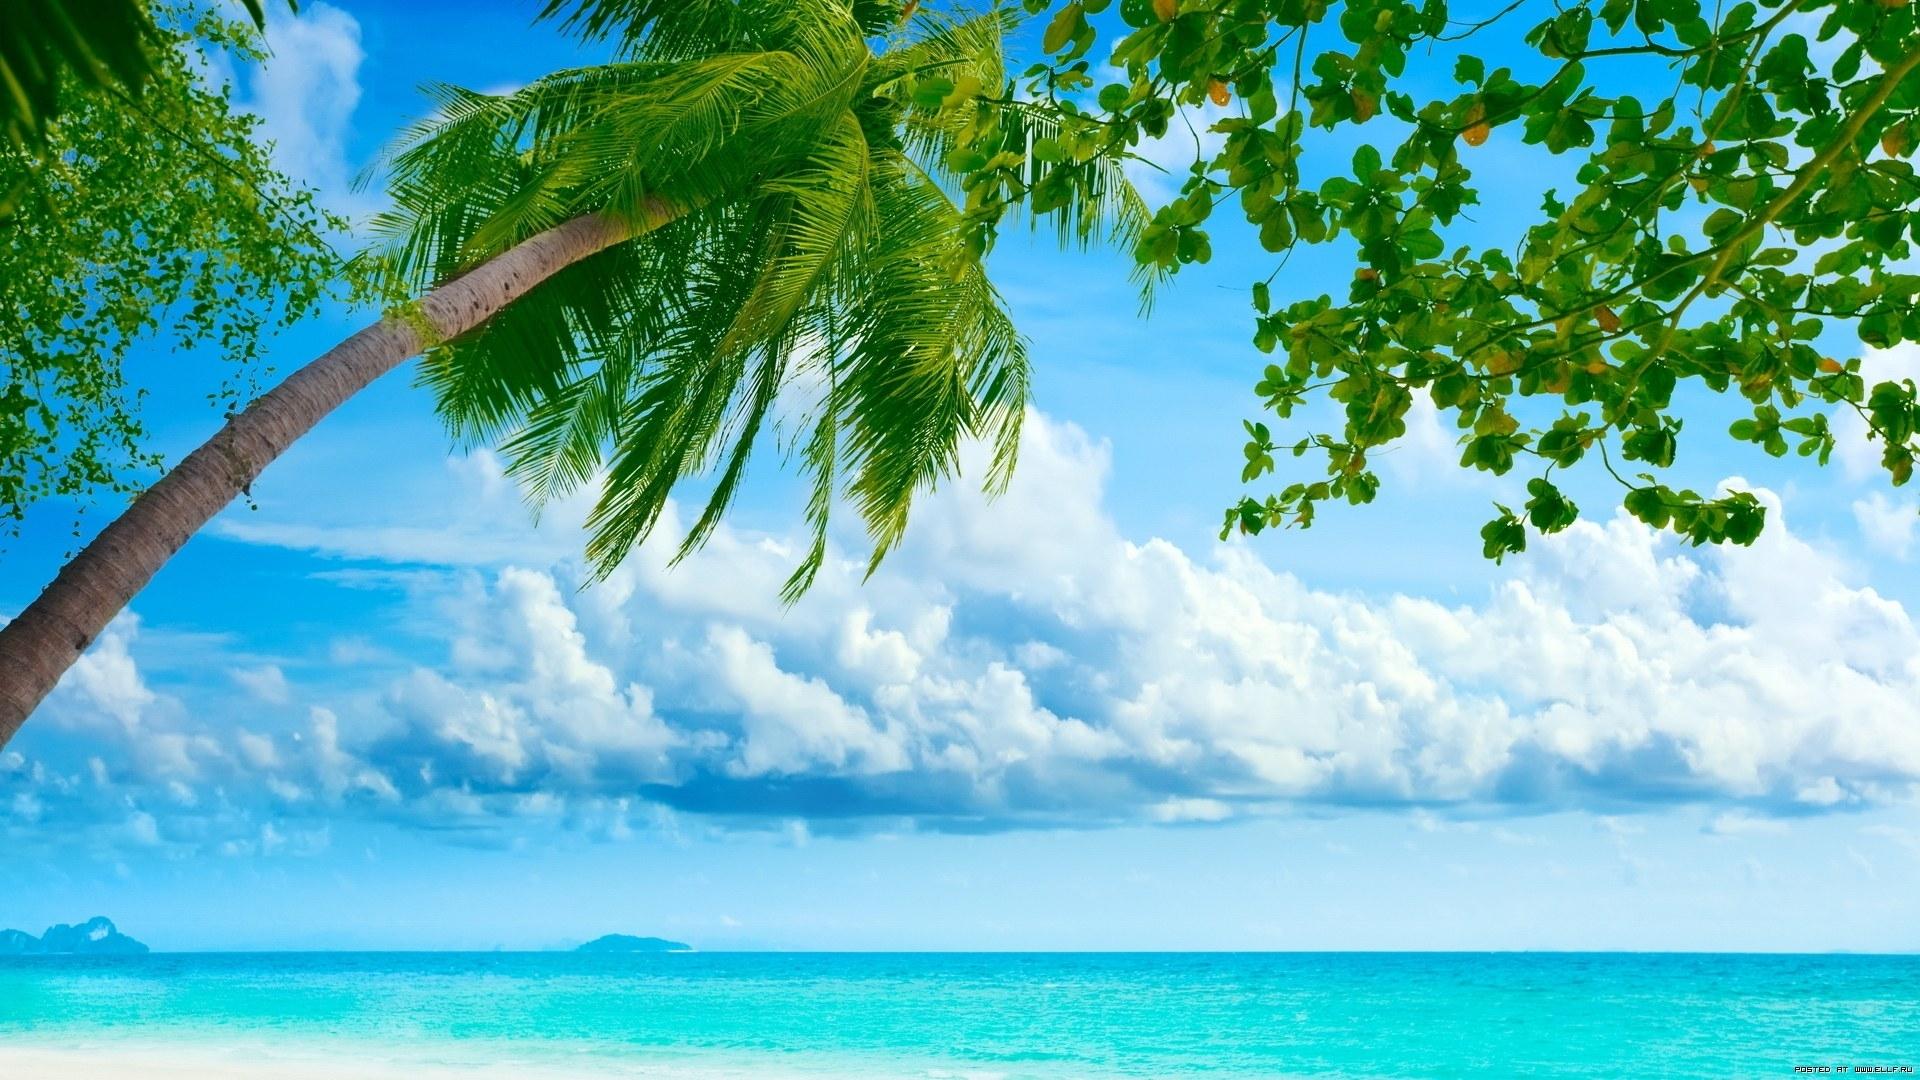 26939 免費下載壁紙 景观, 海, 云, 海滩, 棕榈 屏保和圖片